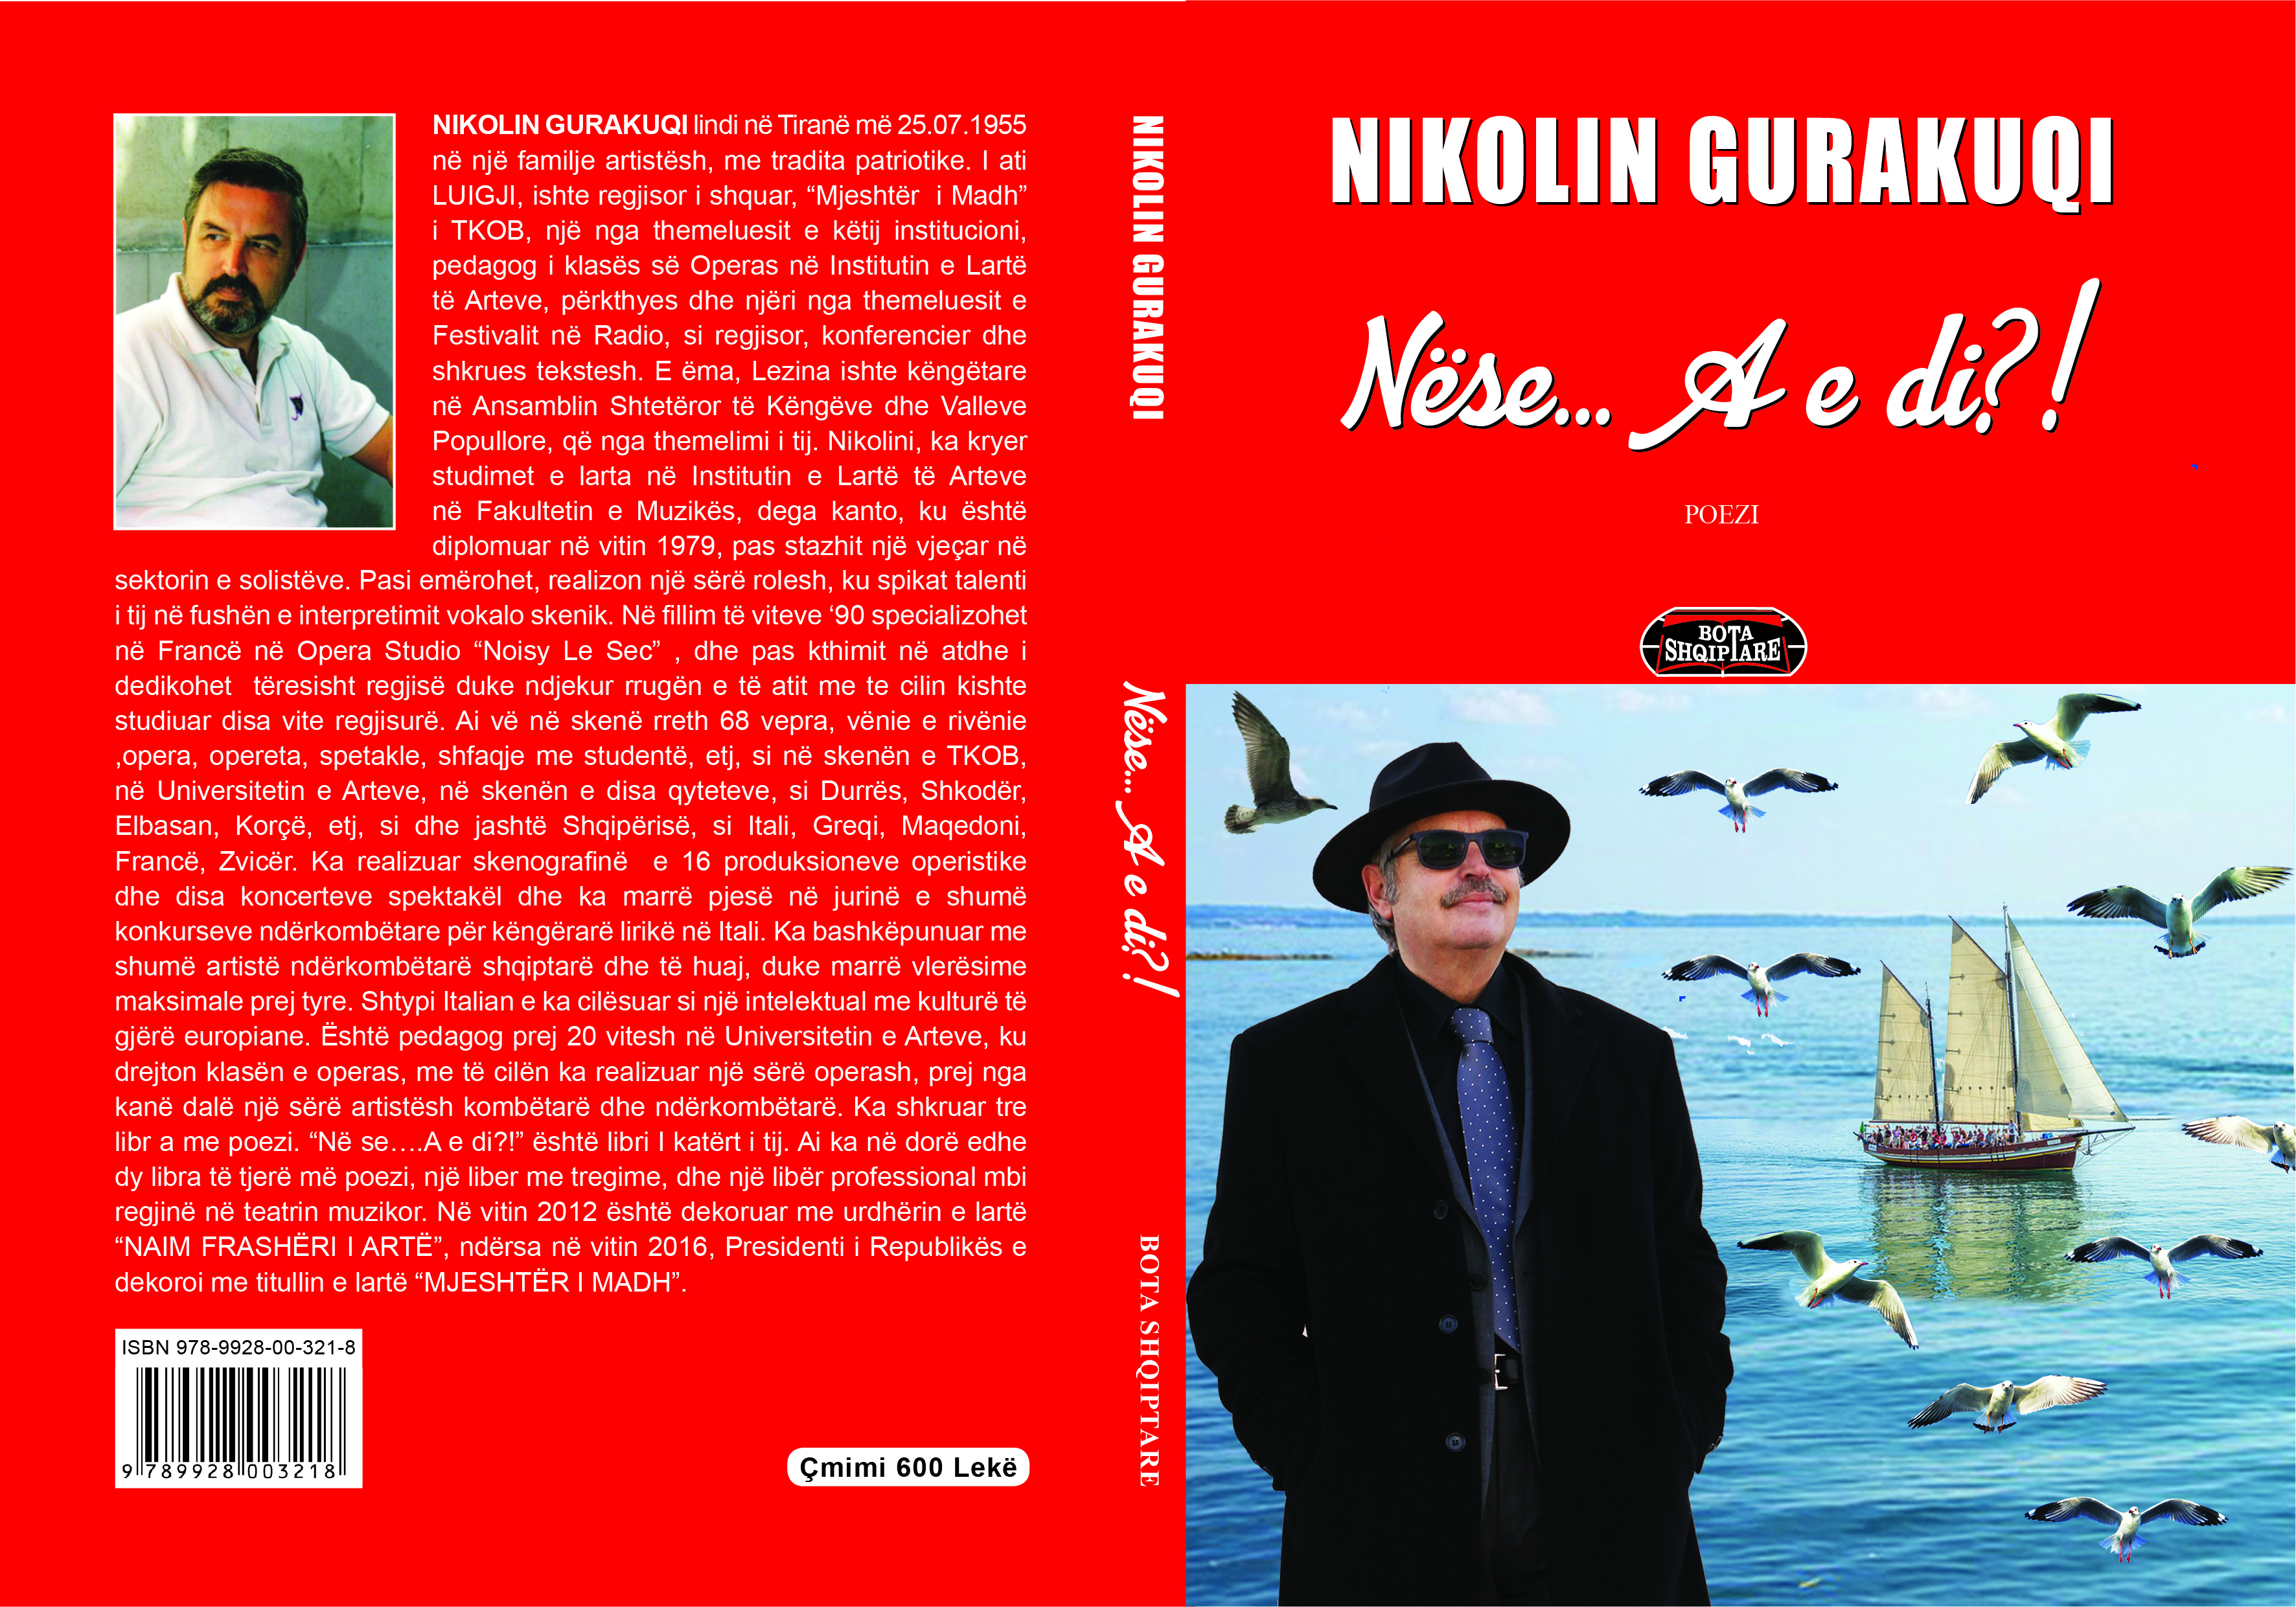 Një libër poetik, filozofik e social i Nikolin Gurakuqit